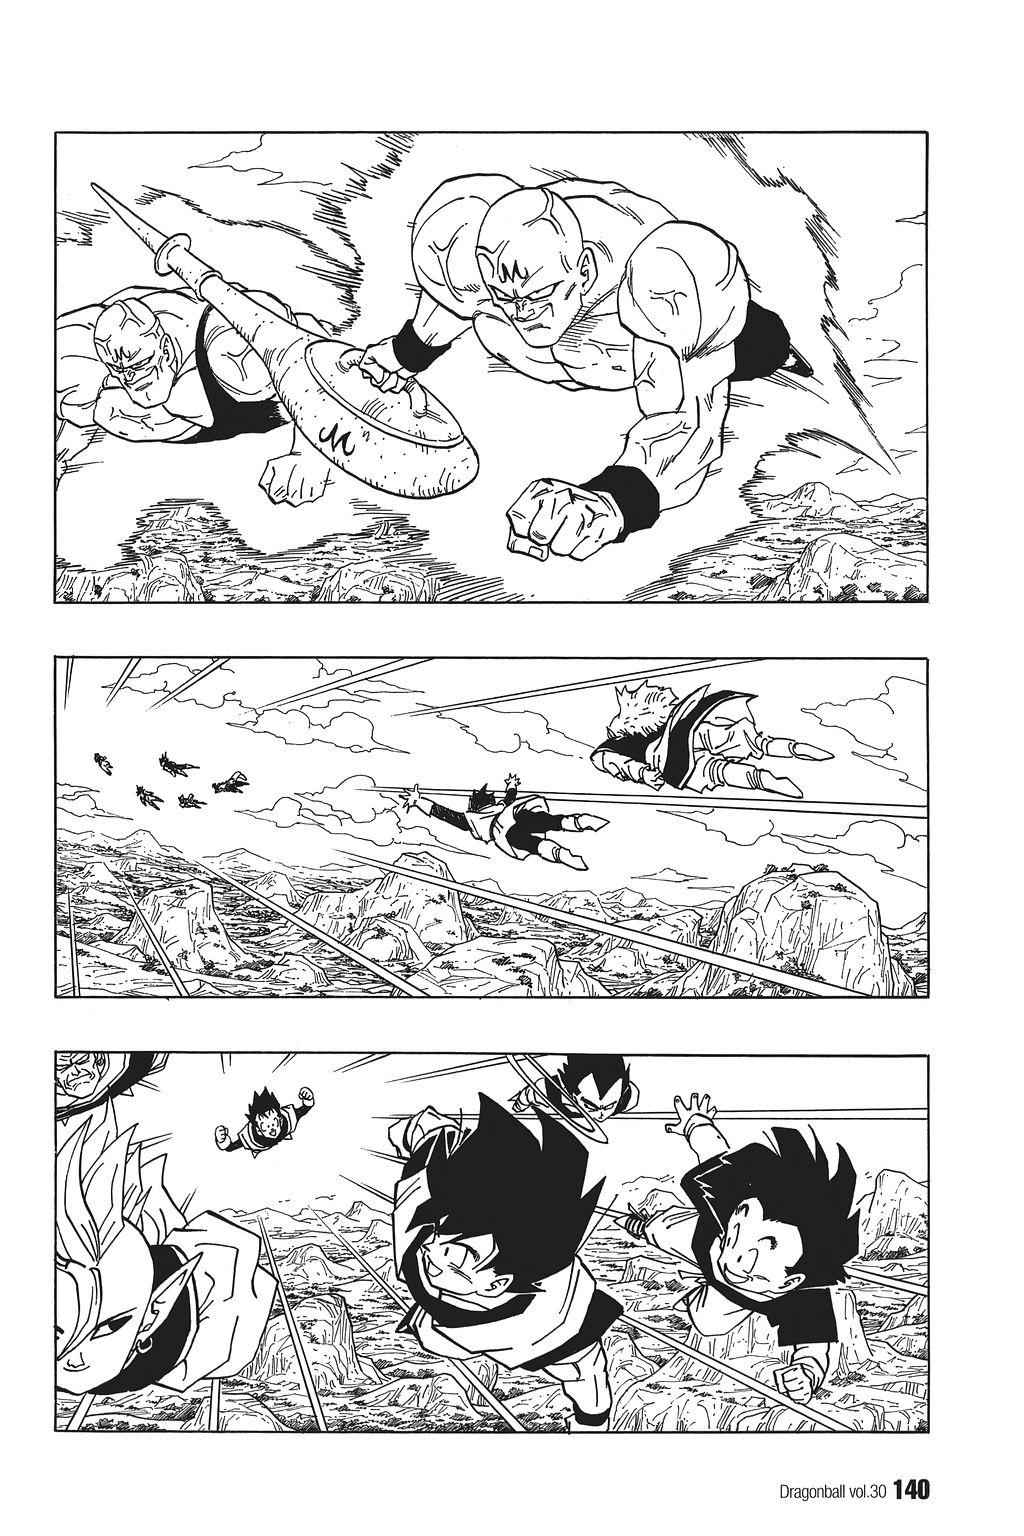 xem truyen moi - Dragon Ball Bản Vip - Bản Đẹp Nguyên Gốc Chap 446